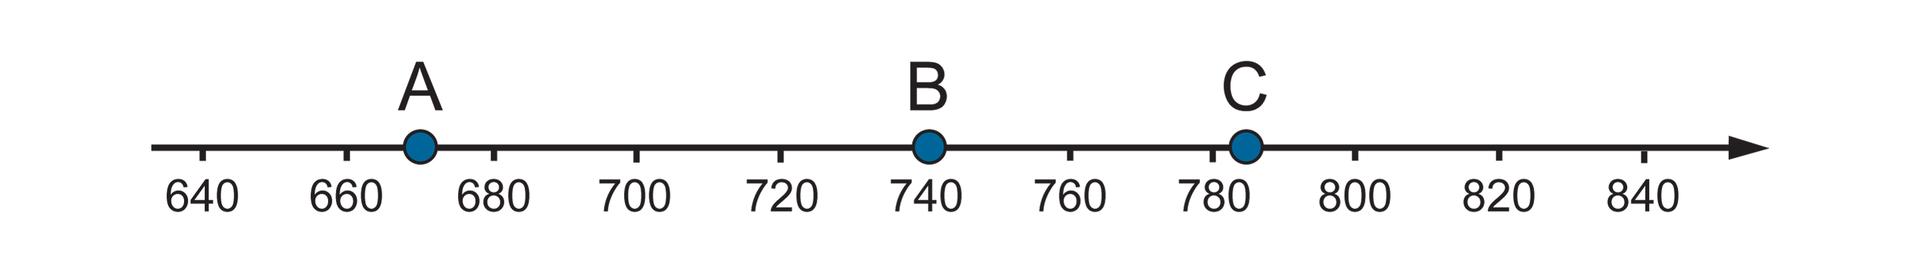 Rysunek osi liczbowej zzaznaczonymi punktami 640, 660, 680, …, 800, 820, 840. Zaznaczone punkty A, B, C. Punkt Aznajduje się wpołowie między 660 i680. Punkt Bma współrzędną równą 740. Punkt Cznajduje się pomiędzy 780 i800, bliżej 780.